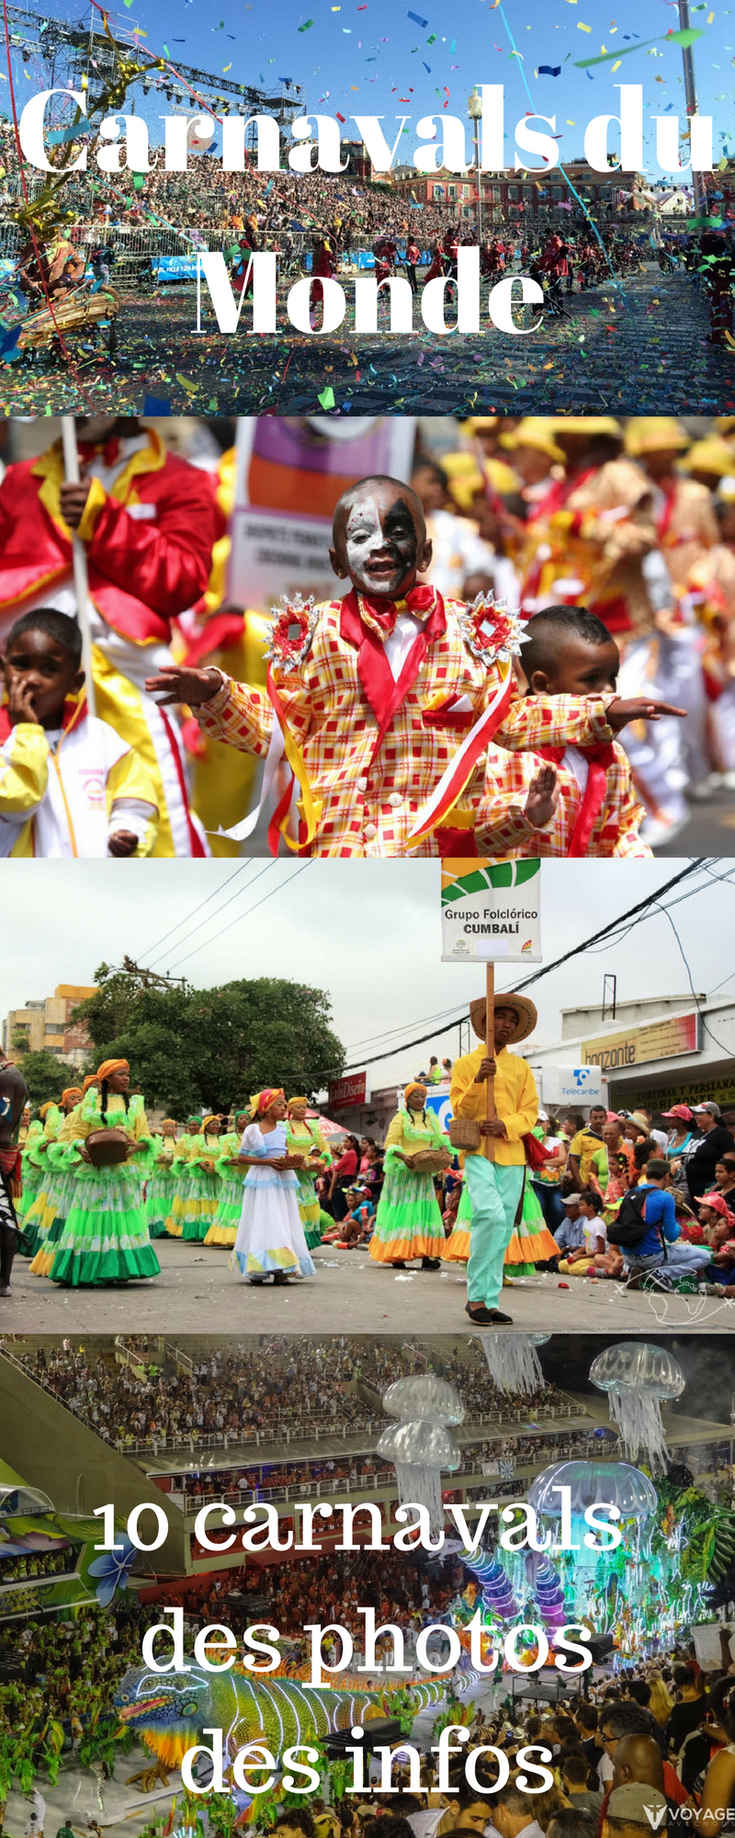 Plongez dans la Culture Carnaval et découvrez 10 expériences de Carnavals du Monde ! Du Vécu, des Photos, des Infos, tout pour inspirer vos prochains voyages festifs ! #carnaval #carnavals #rio #barranquilla #nice #dunkerque